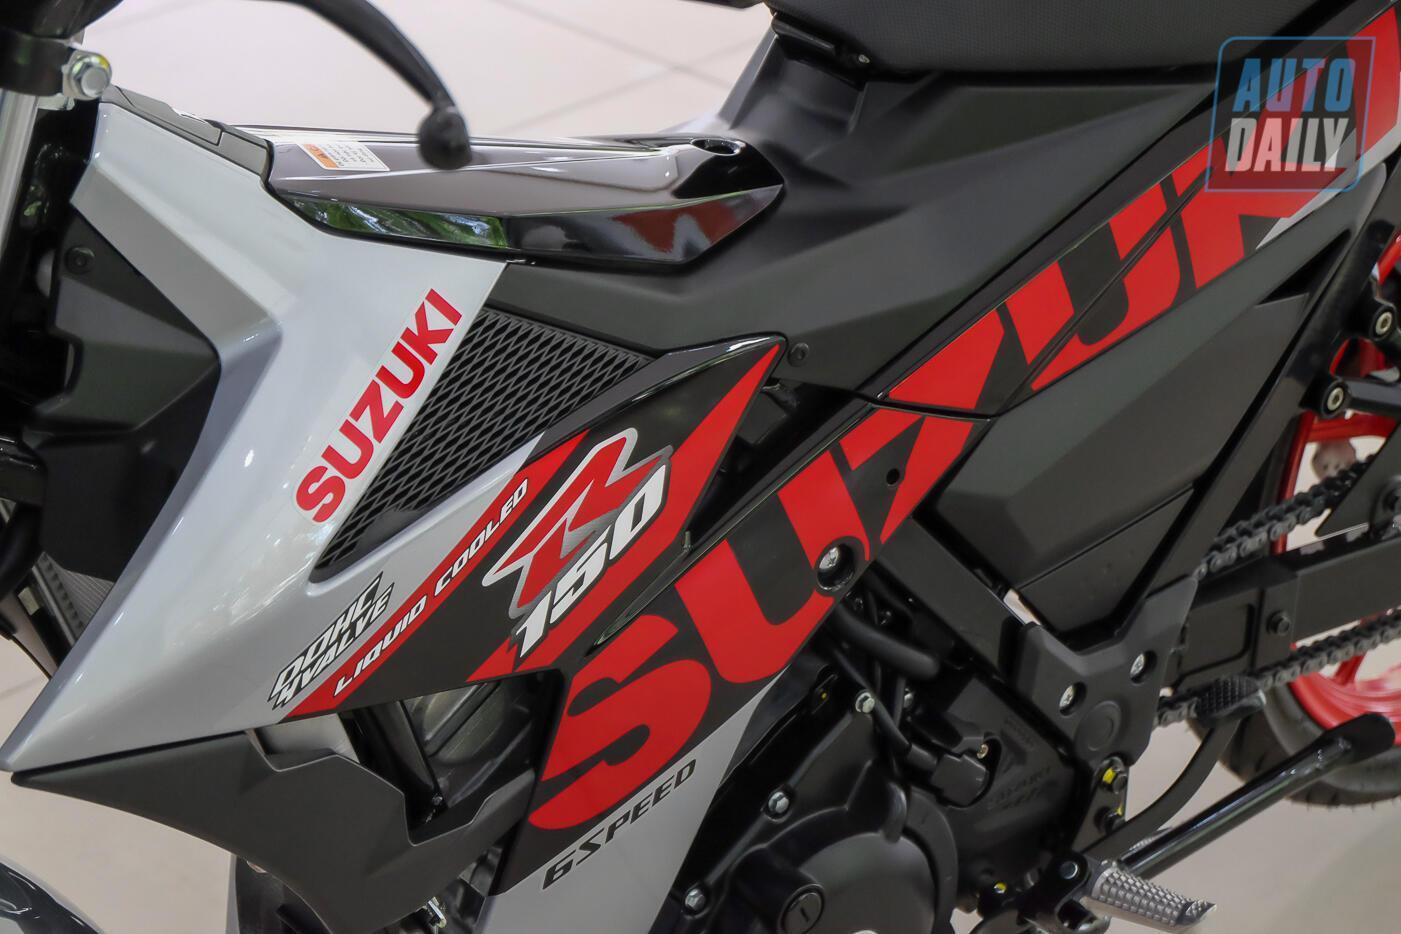 suzuki-raider-r150-ban-the-thao-dac-biet-moi-co-gia-tu-49-9-trieu-dong